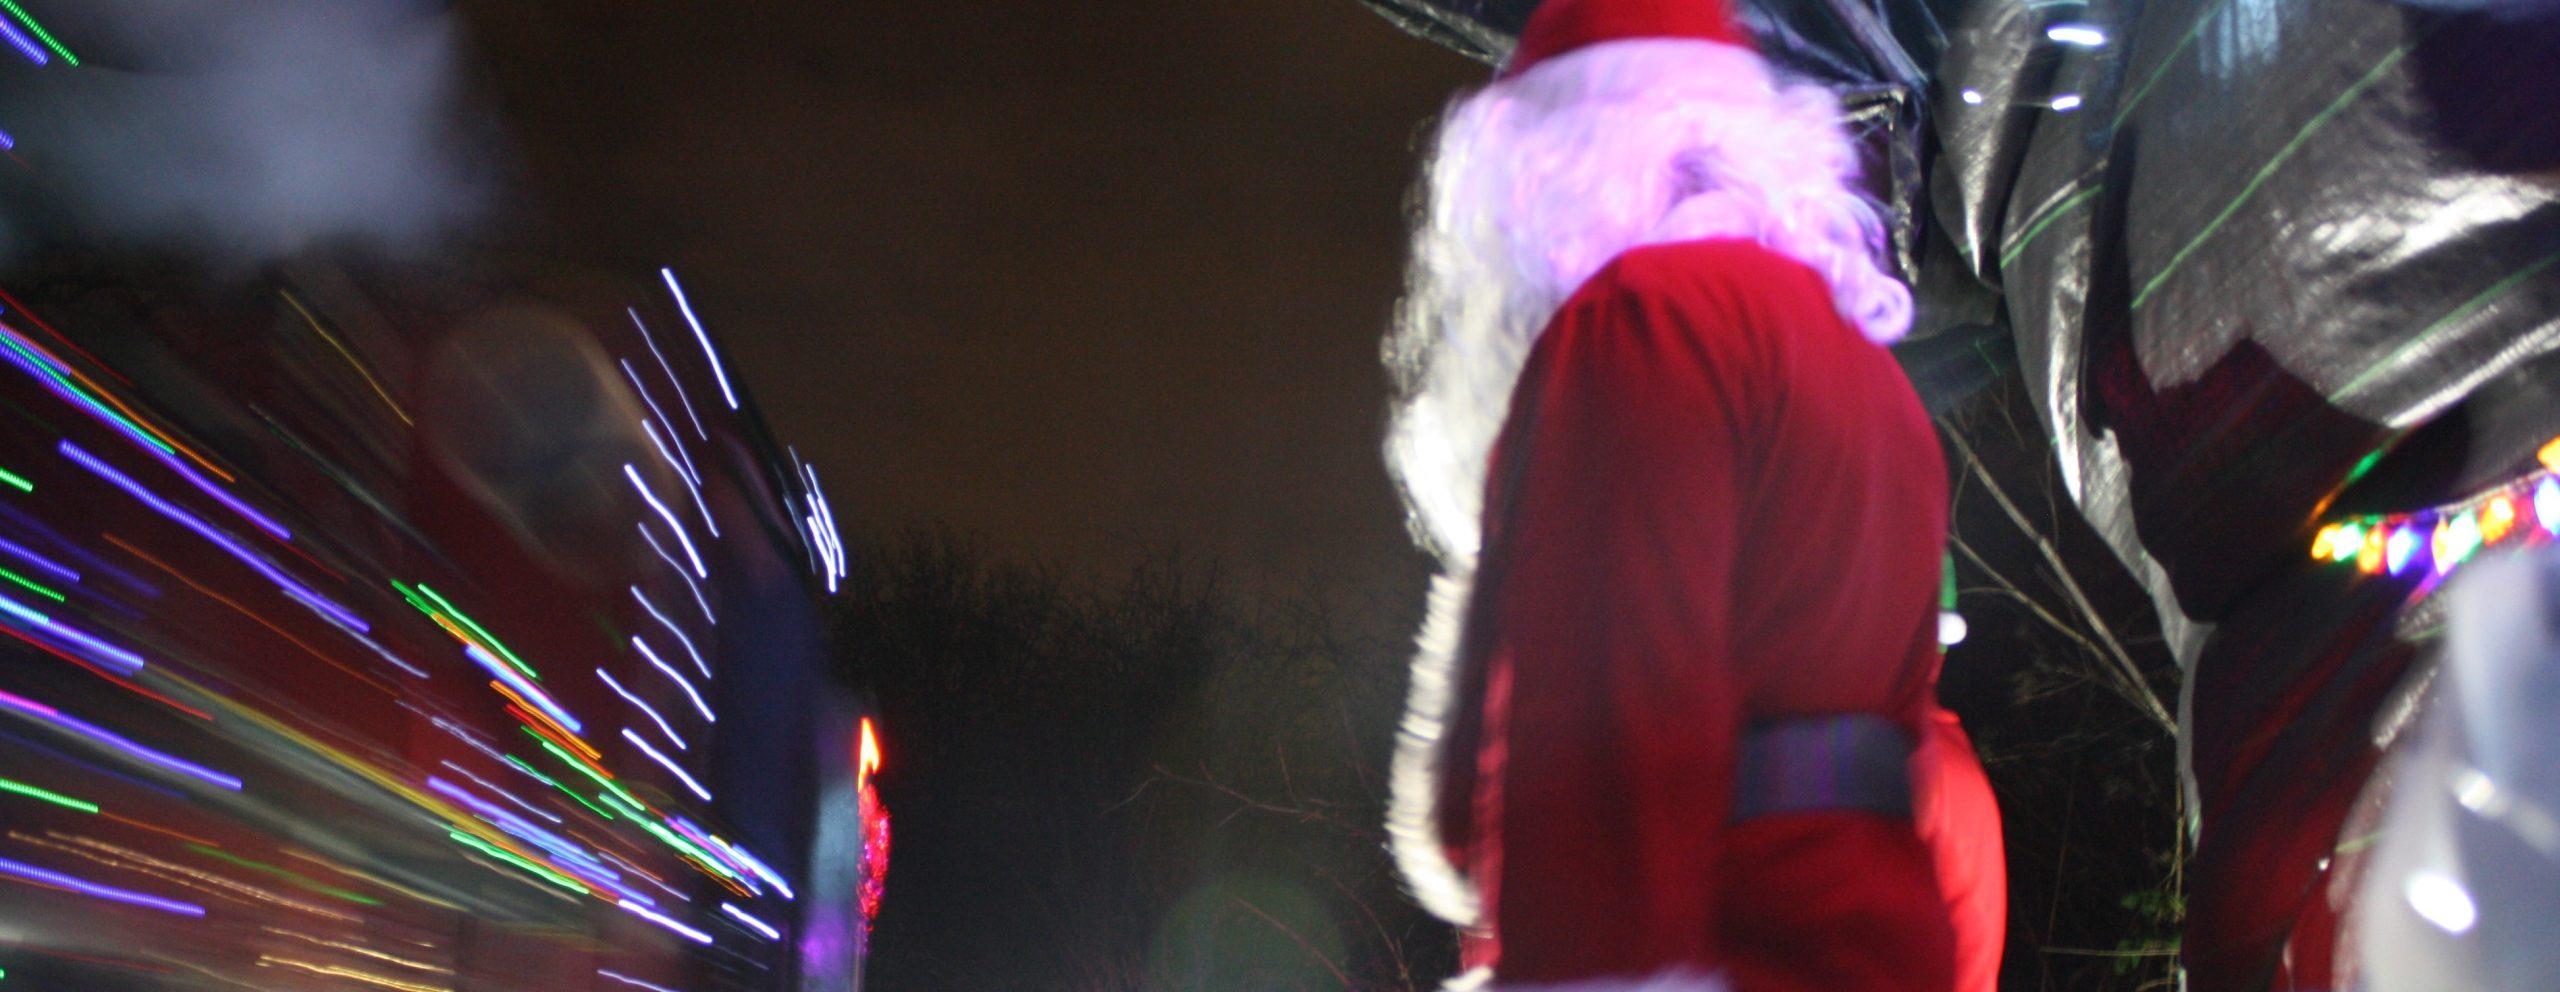 Santa Special 2021 Slider